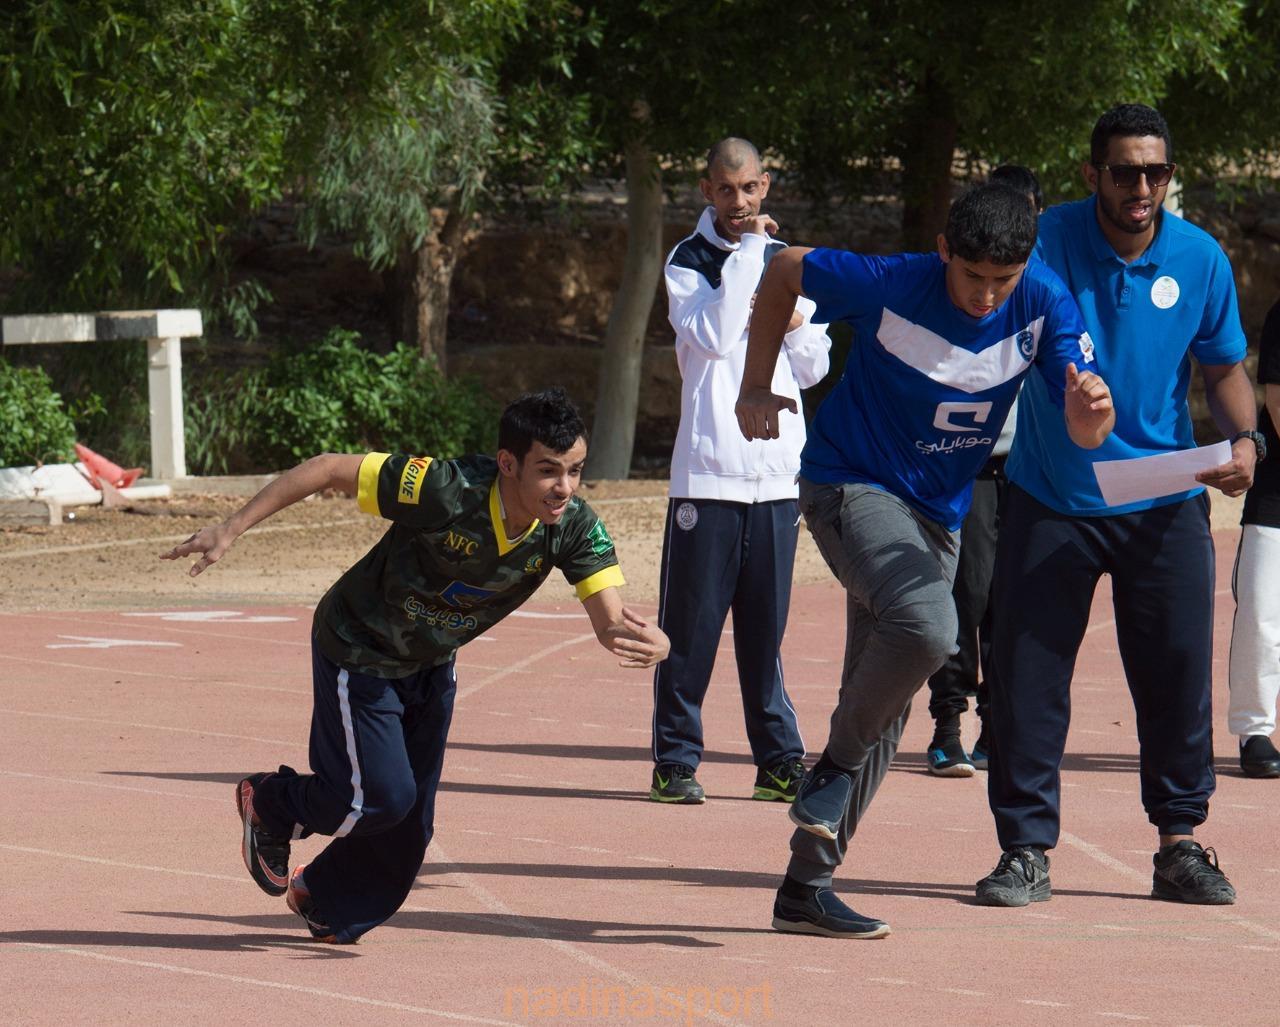 انطلاق بطولة الأولمبياد الخاص لرفع الأثقال وألعاب القوى بالرياض